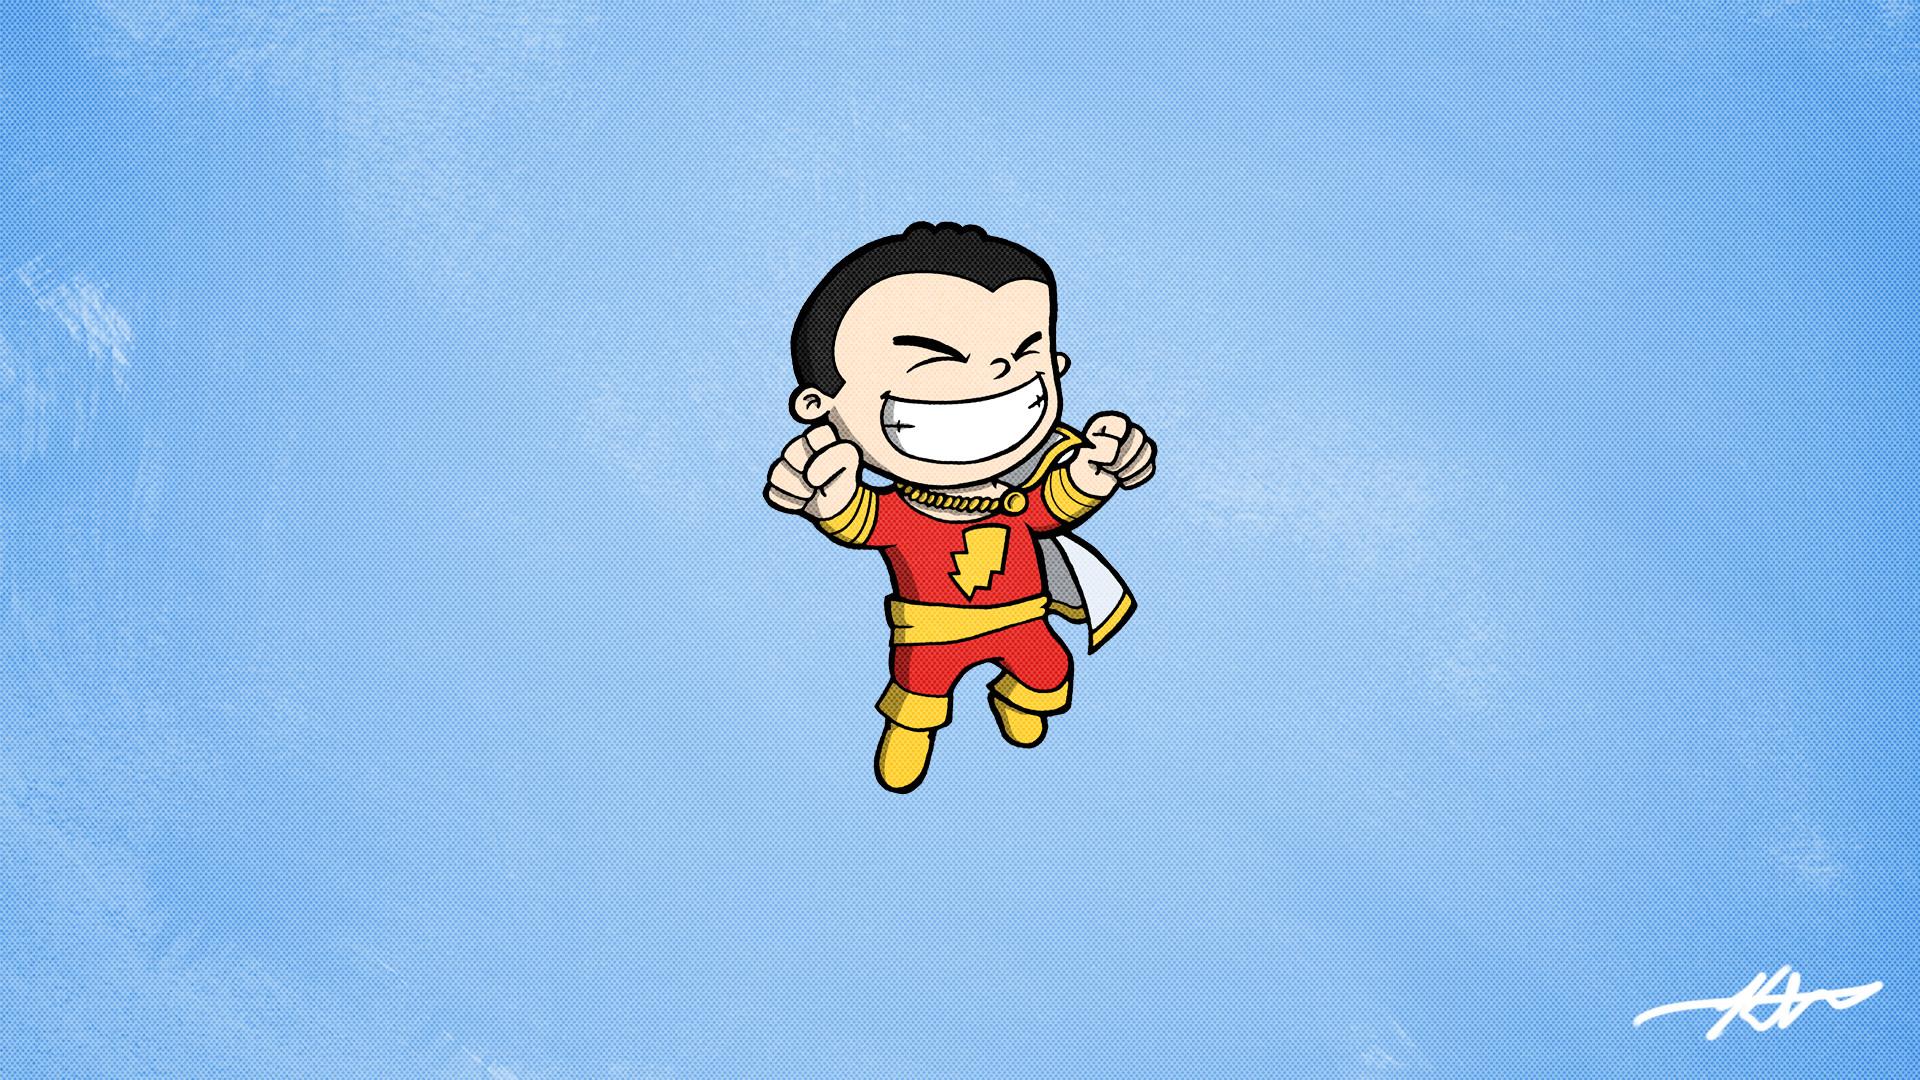 Res: 1920x1080, Captain Marvel (Shazam) Wallpaper I drew []